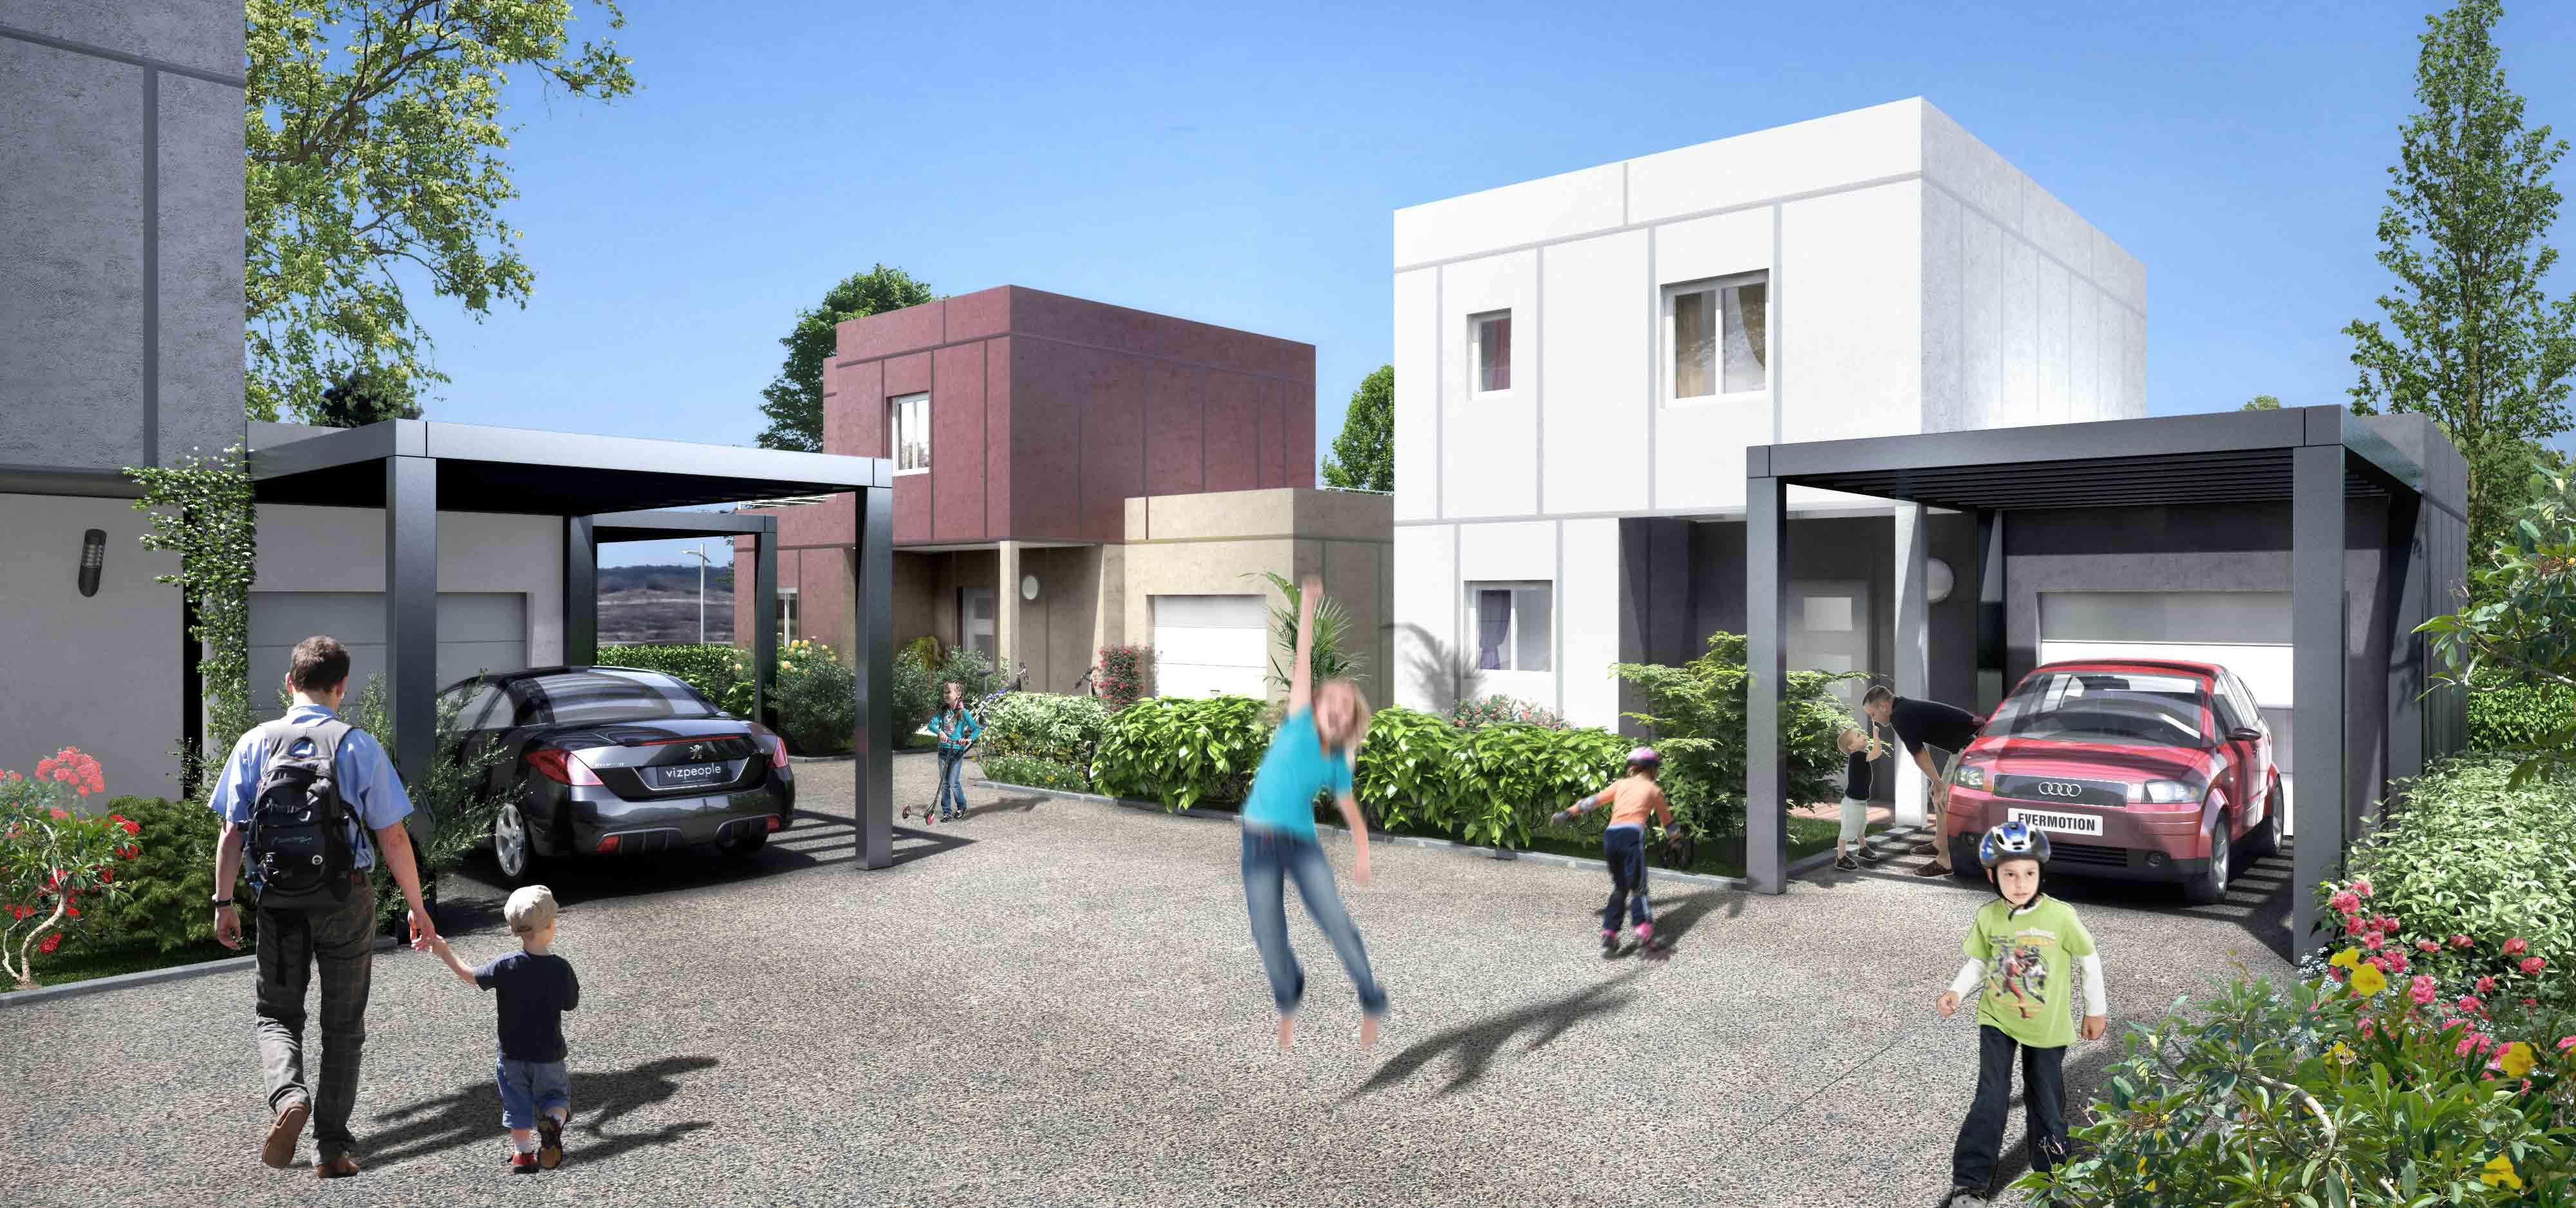 Maison fanfan constructeur for Modele maison nicolas